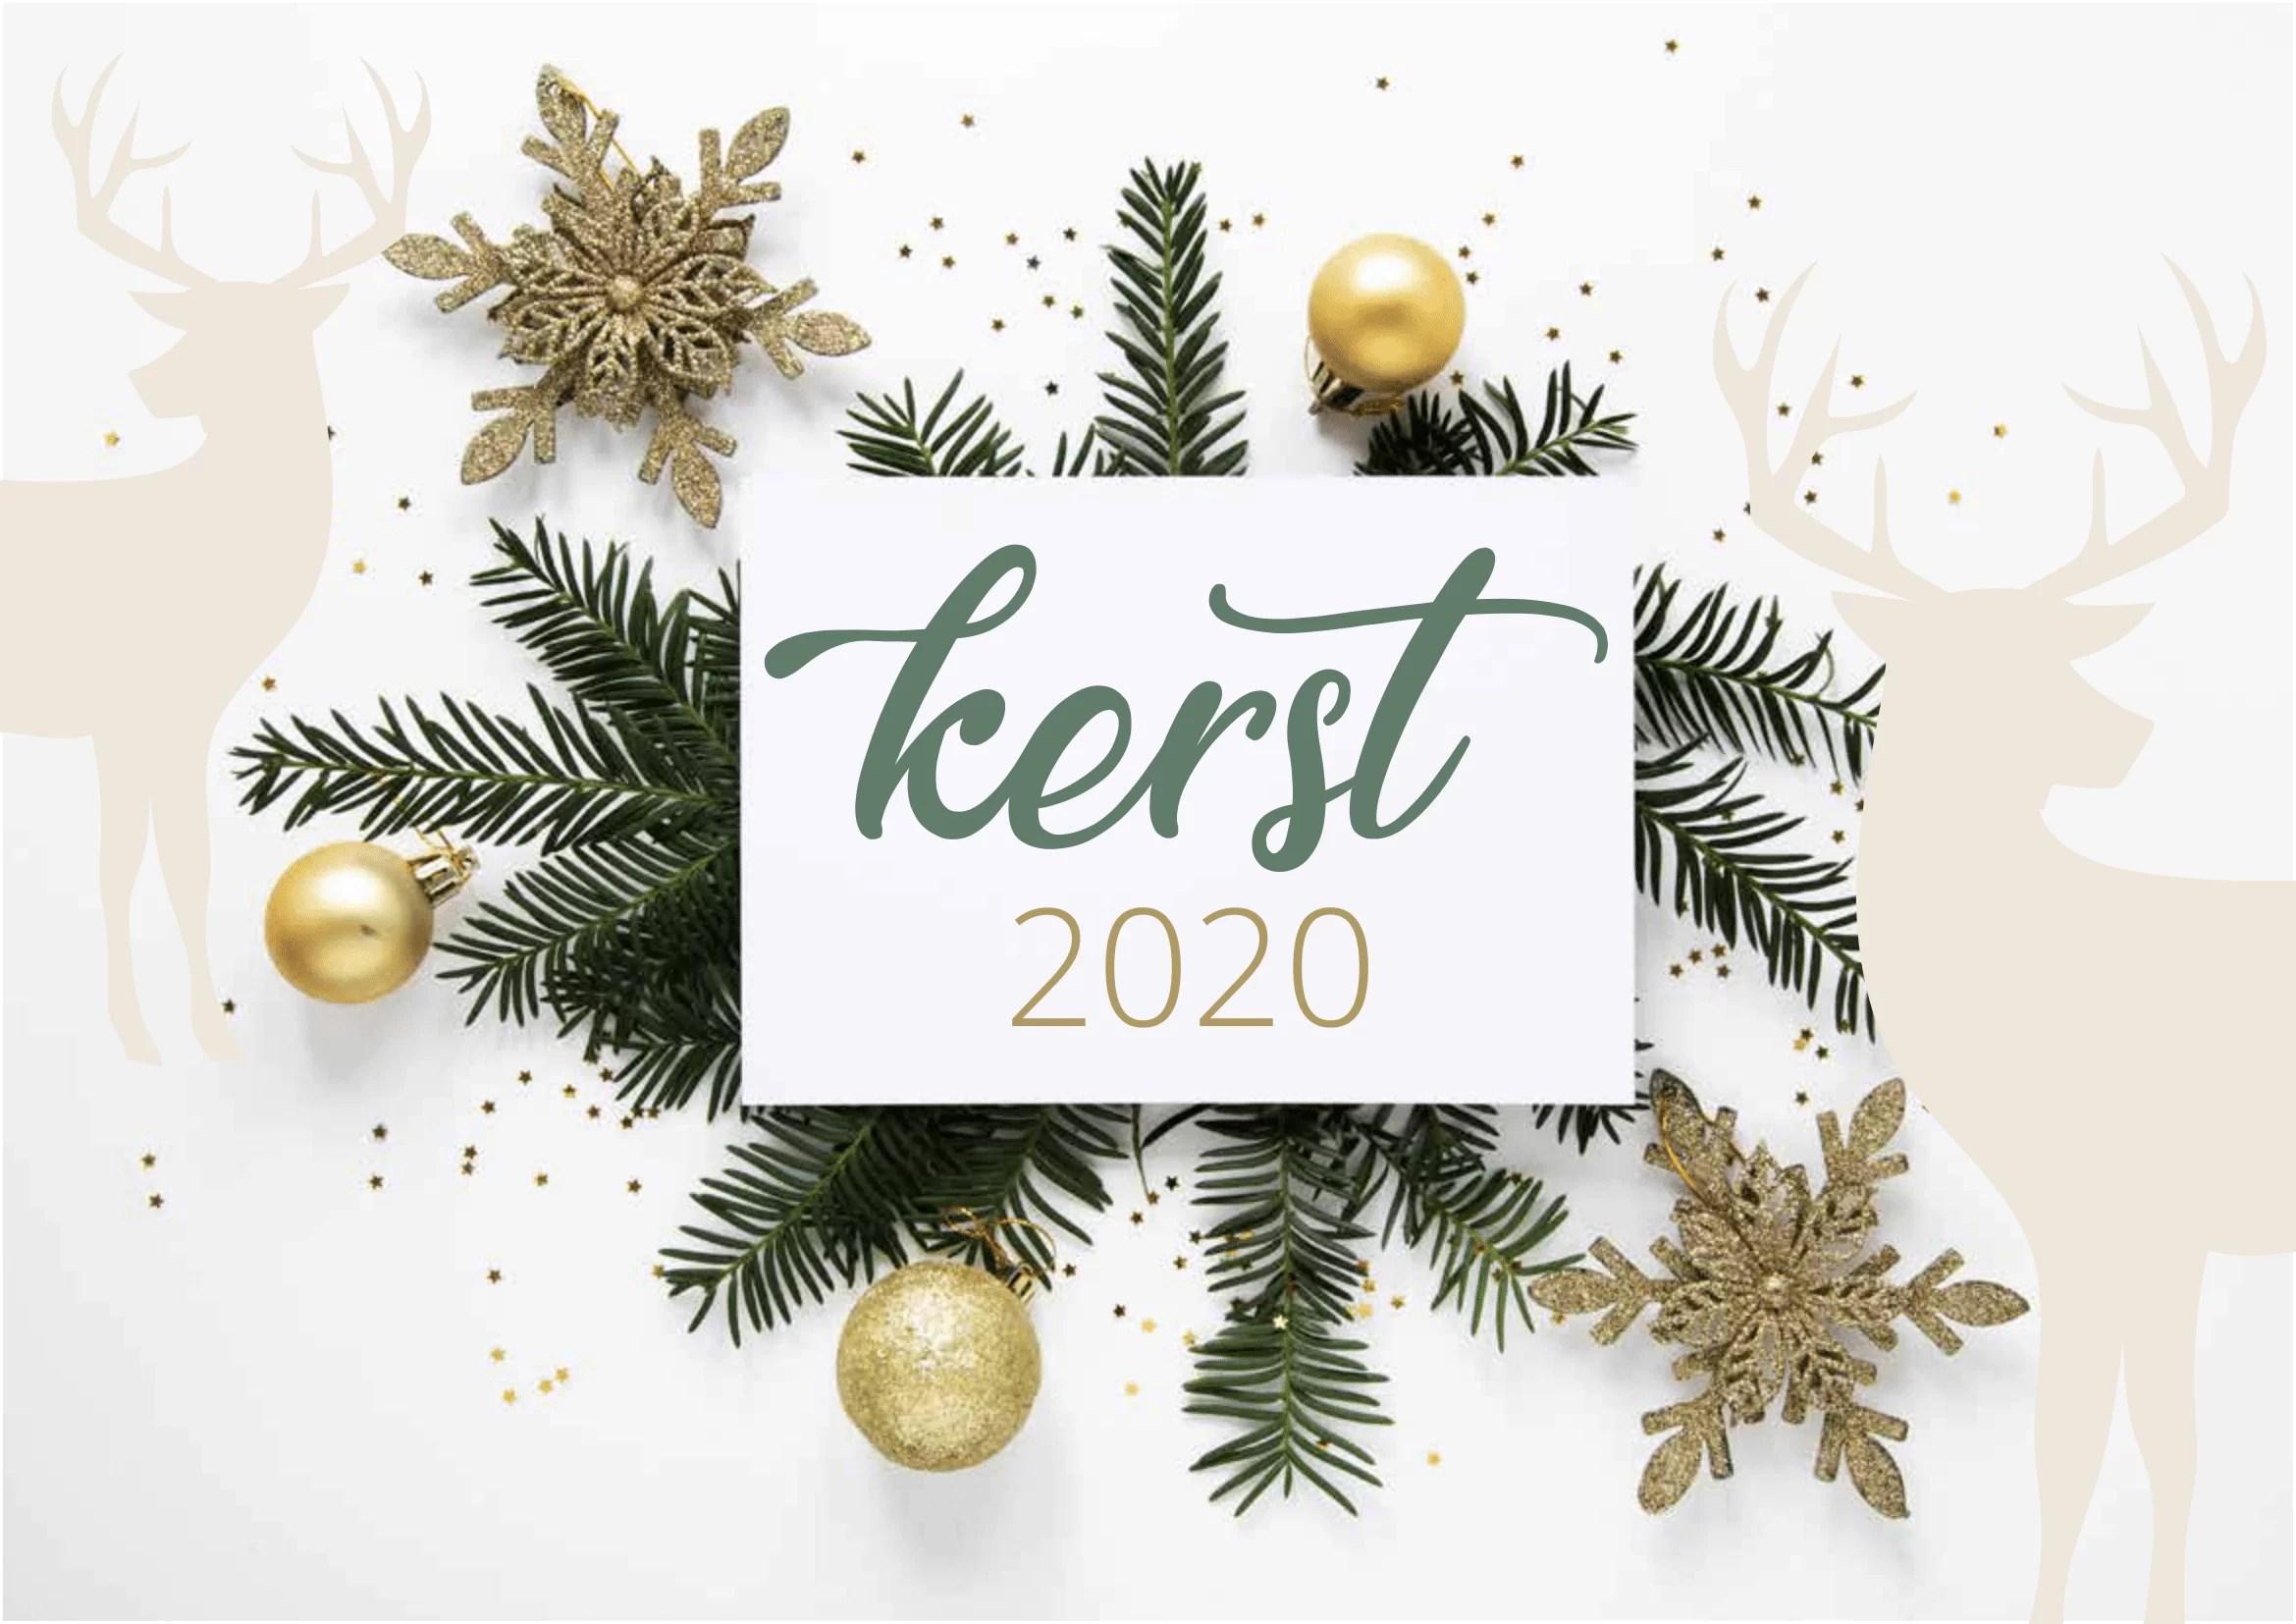 VIVO-Lekkernijen Kerstbrochure 2020 01